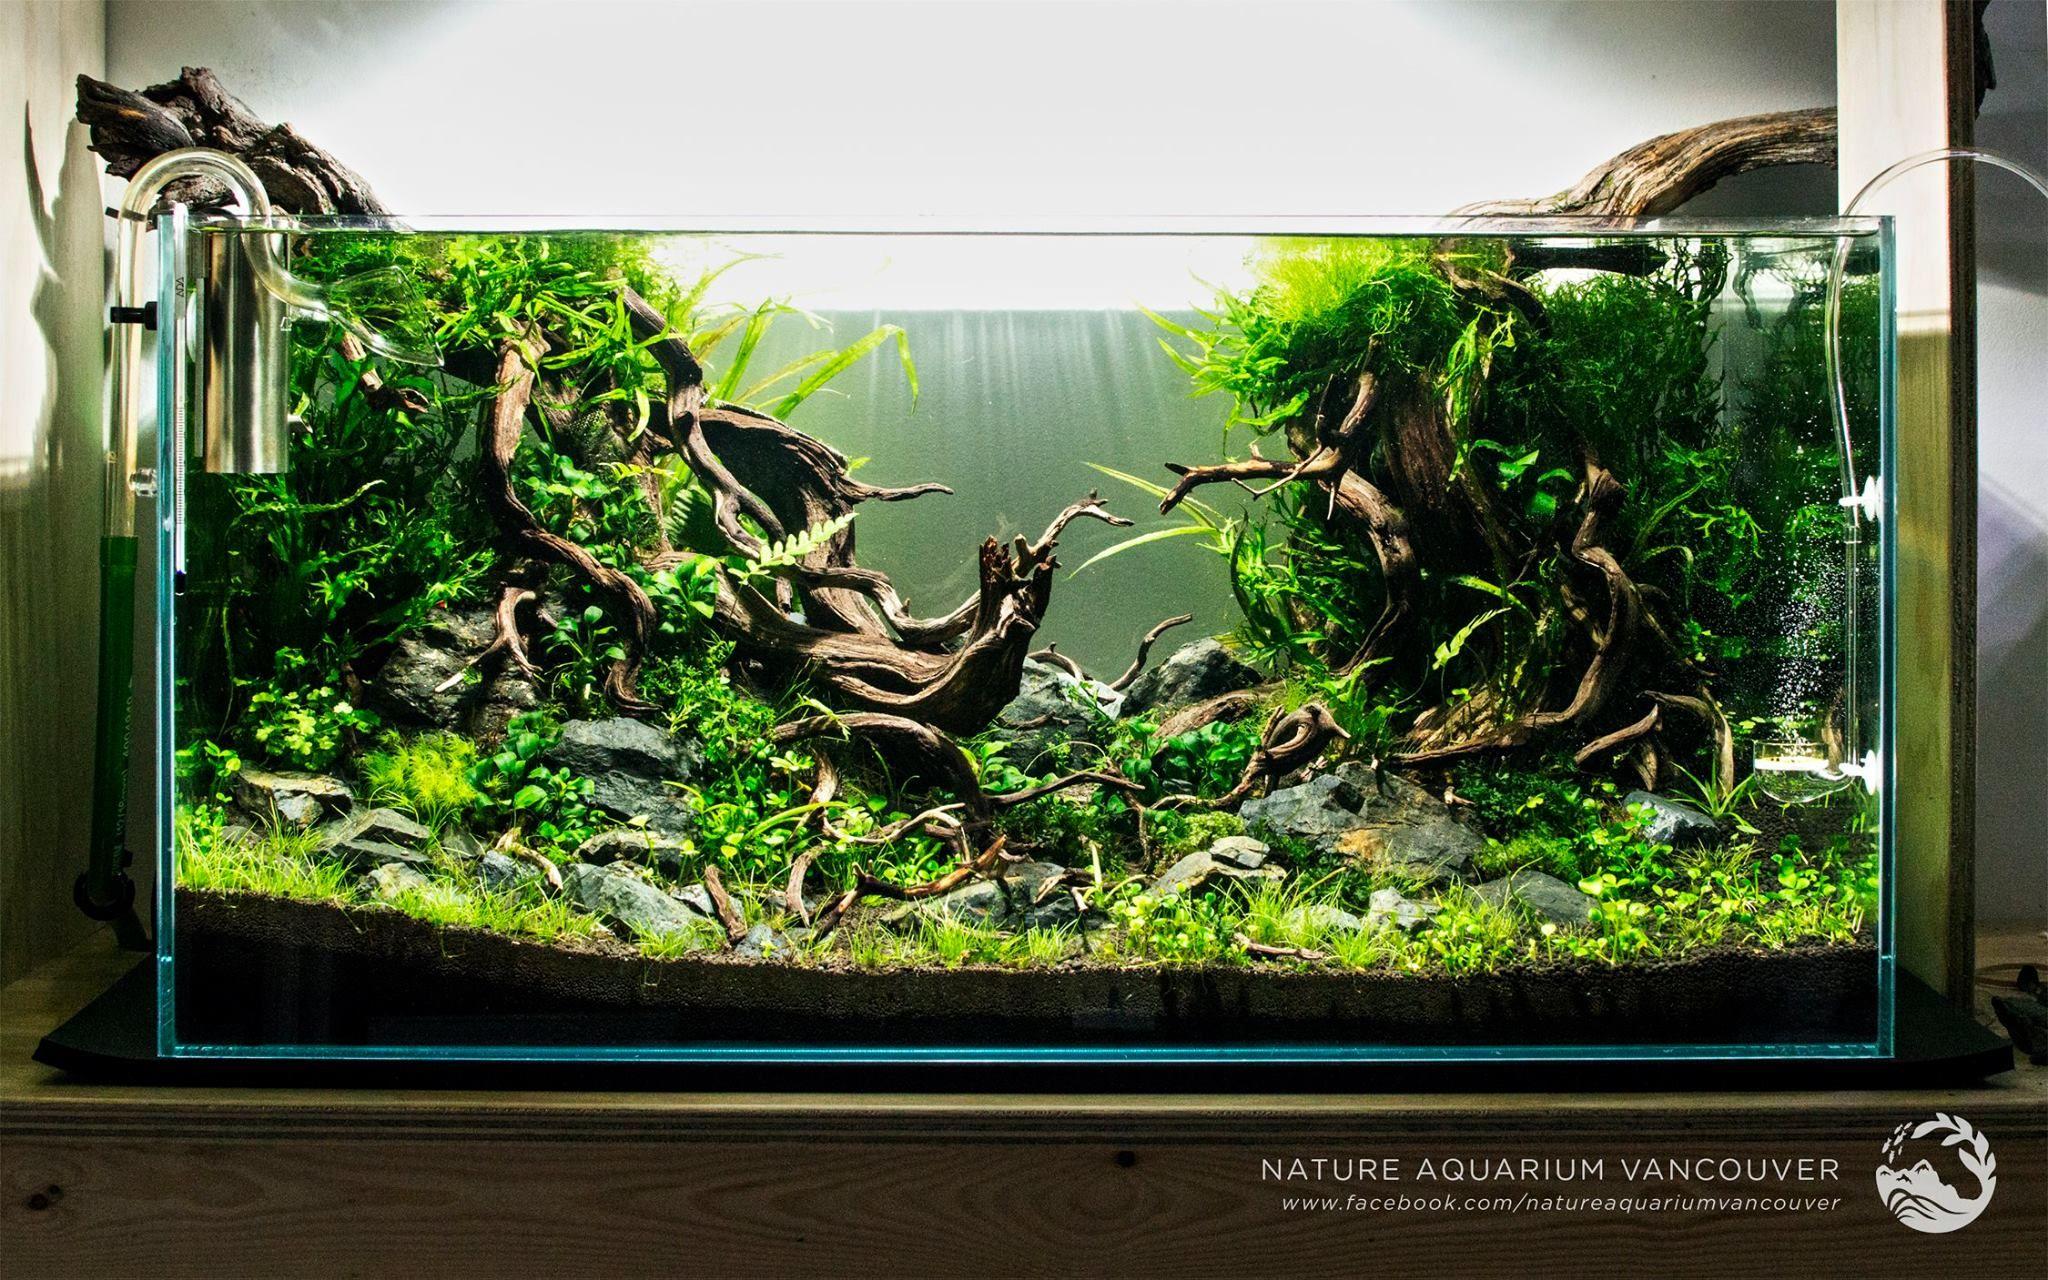 Freshwater aquarium fish vancouver - Nature Aquarium Vancouver